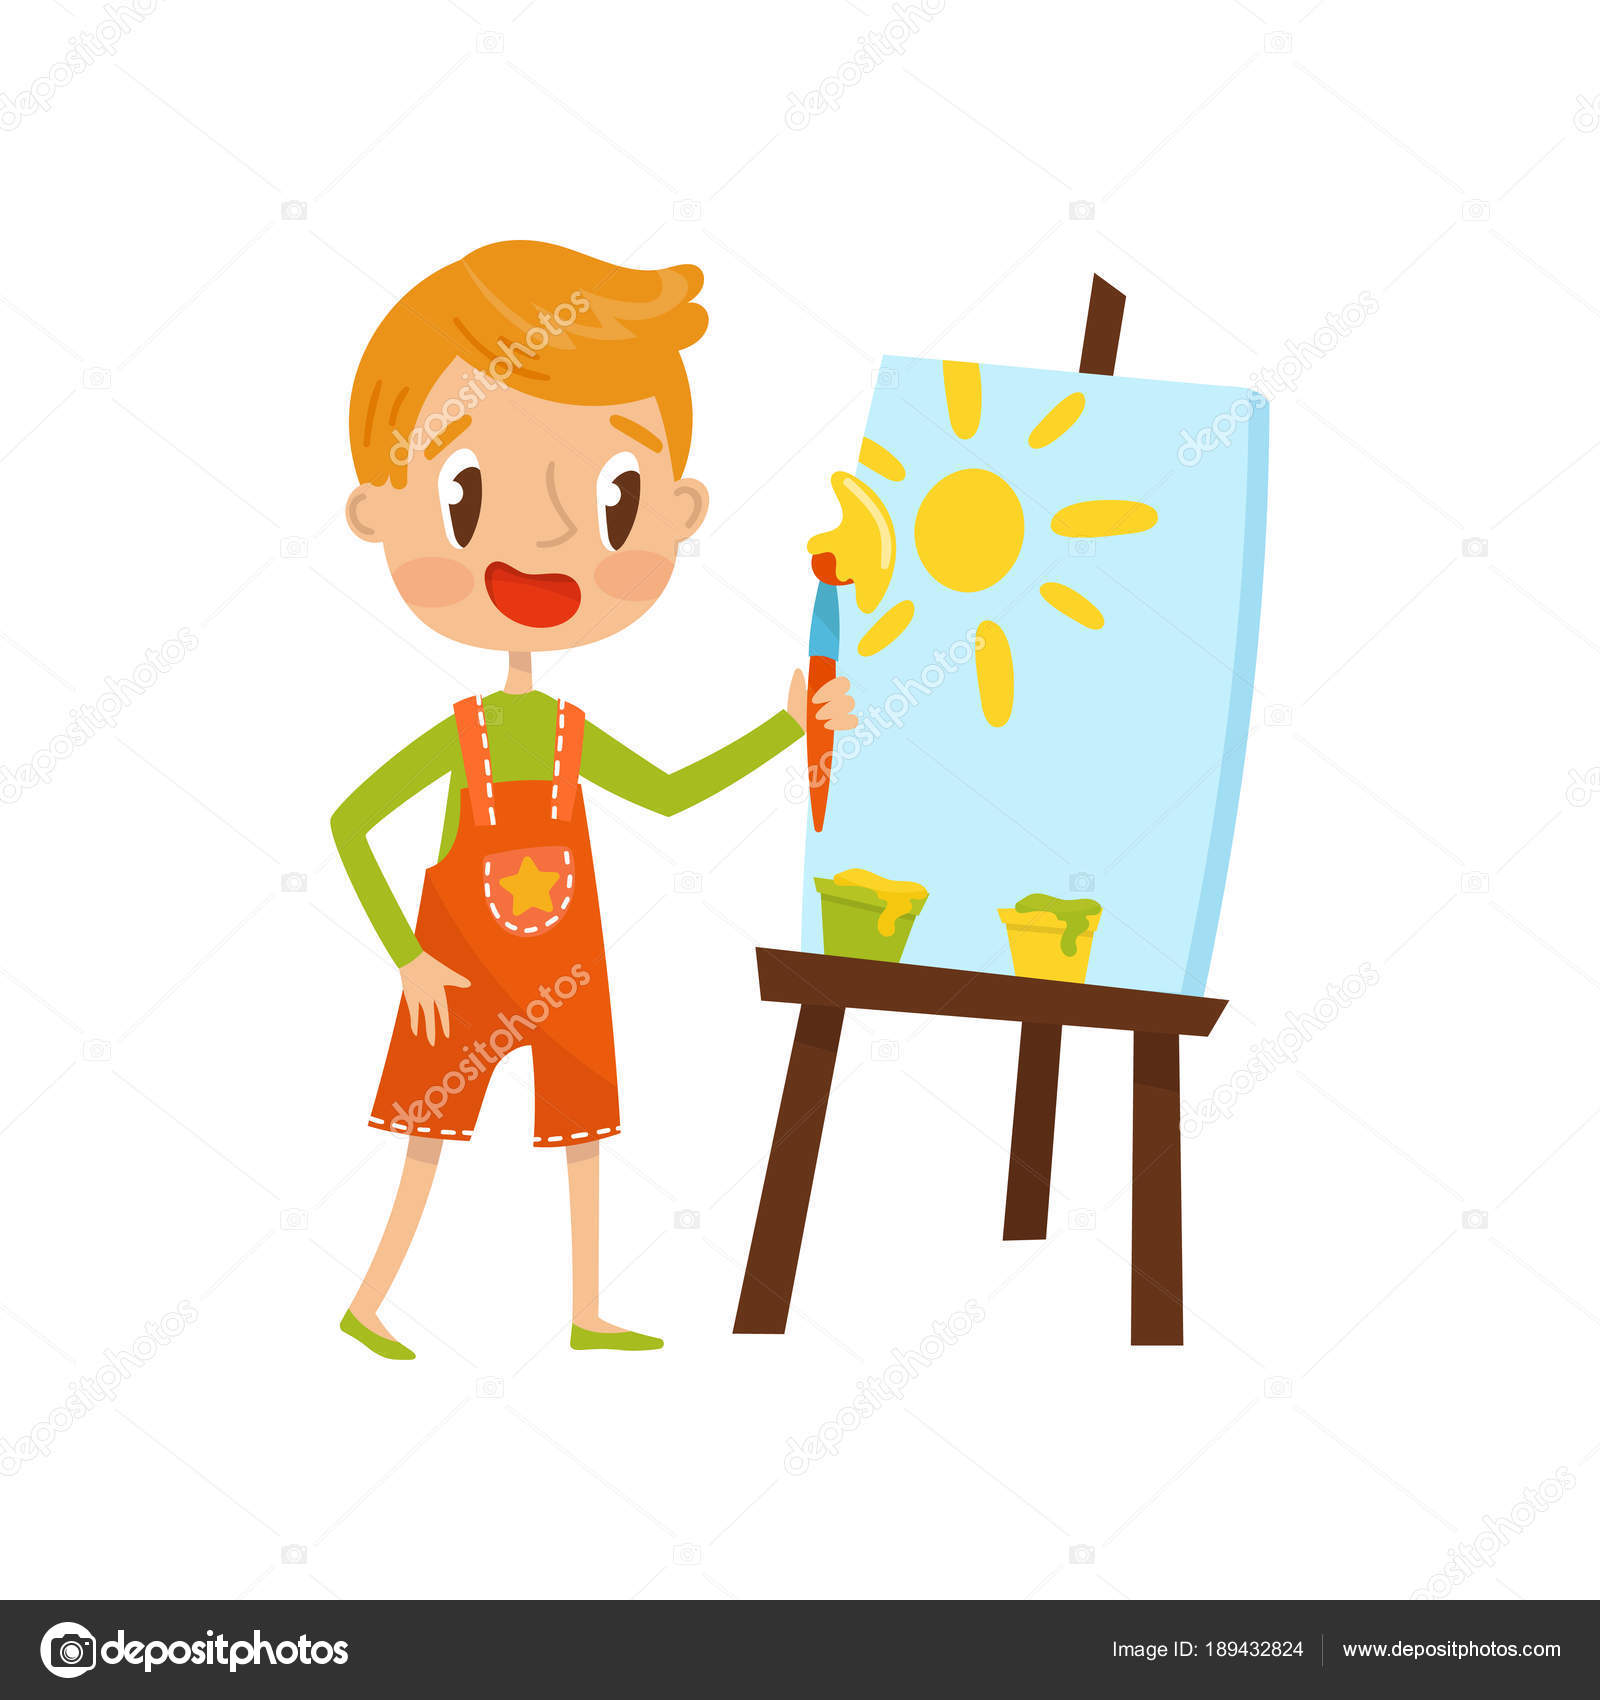 Sevimli Küçük çocuk Boyama Güneş Bir şövale çocukların Yaratıcılık